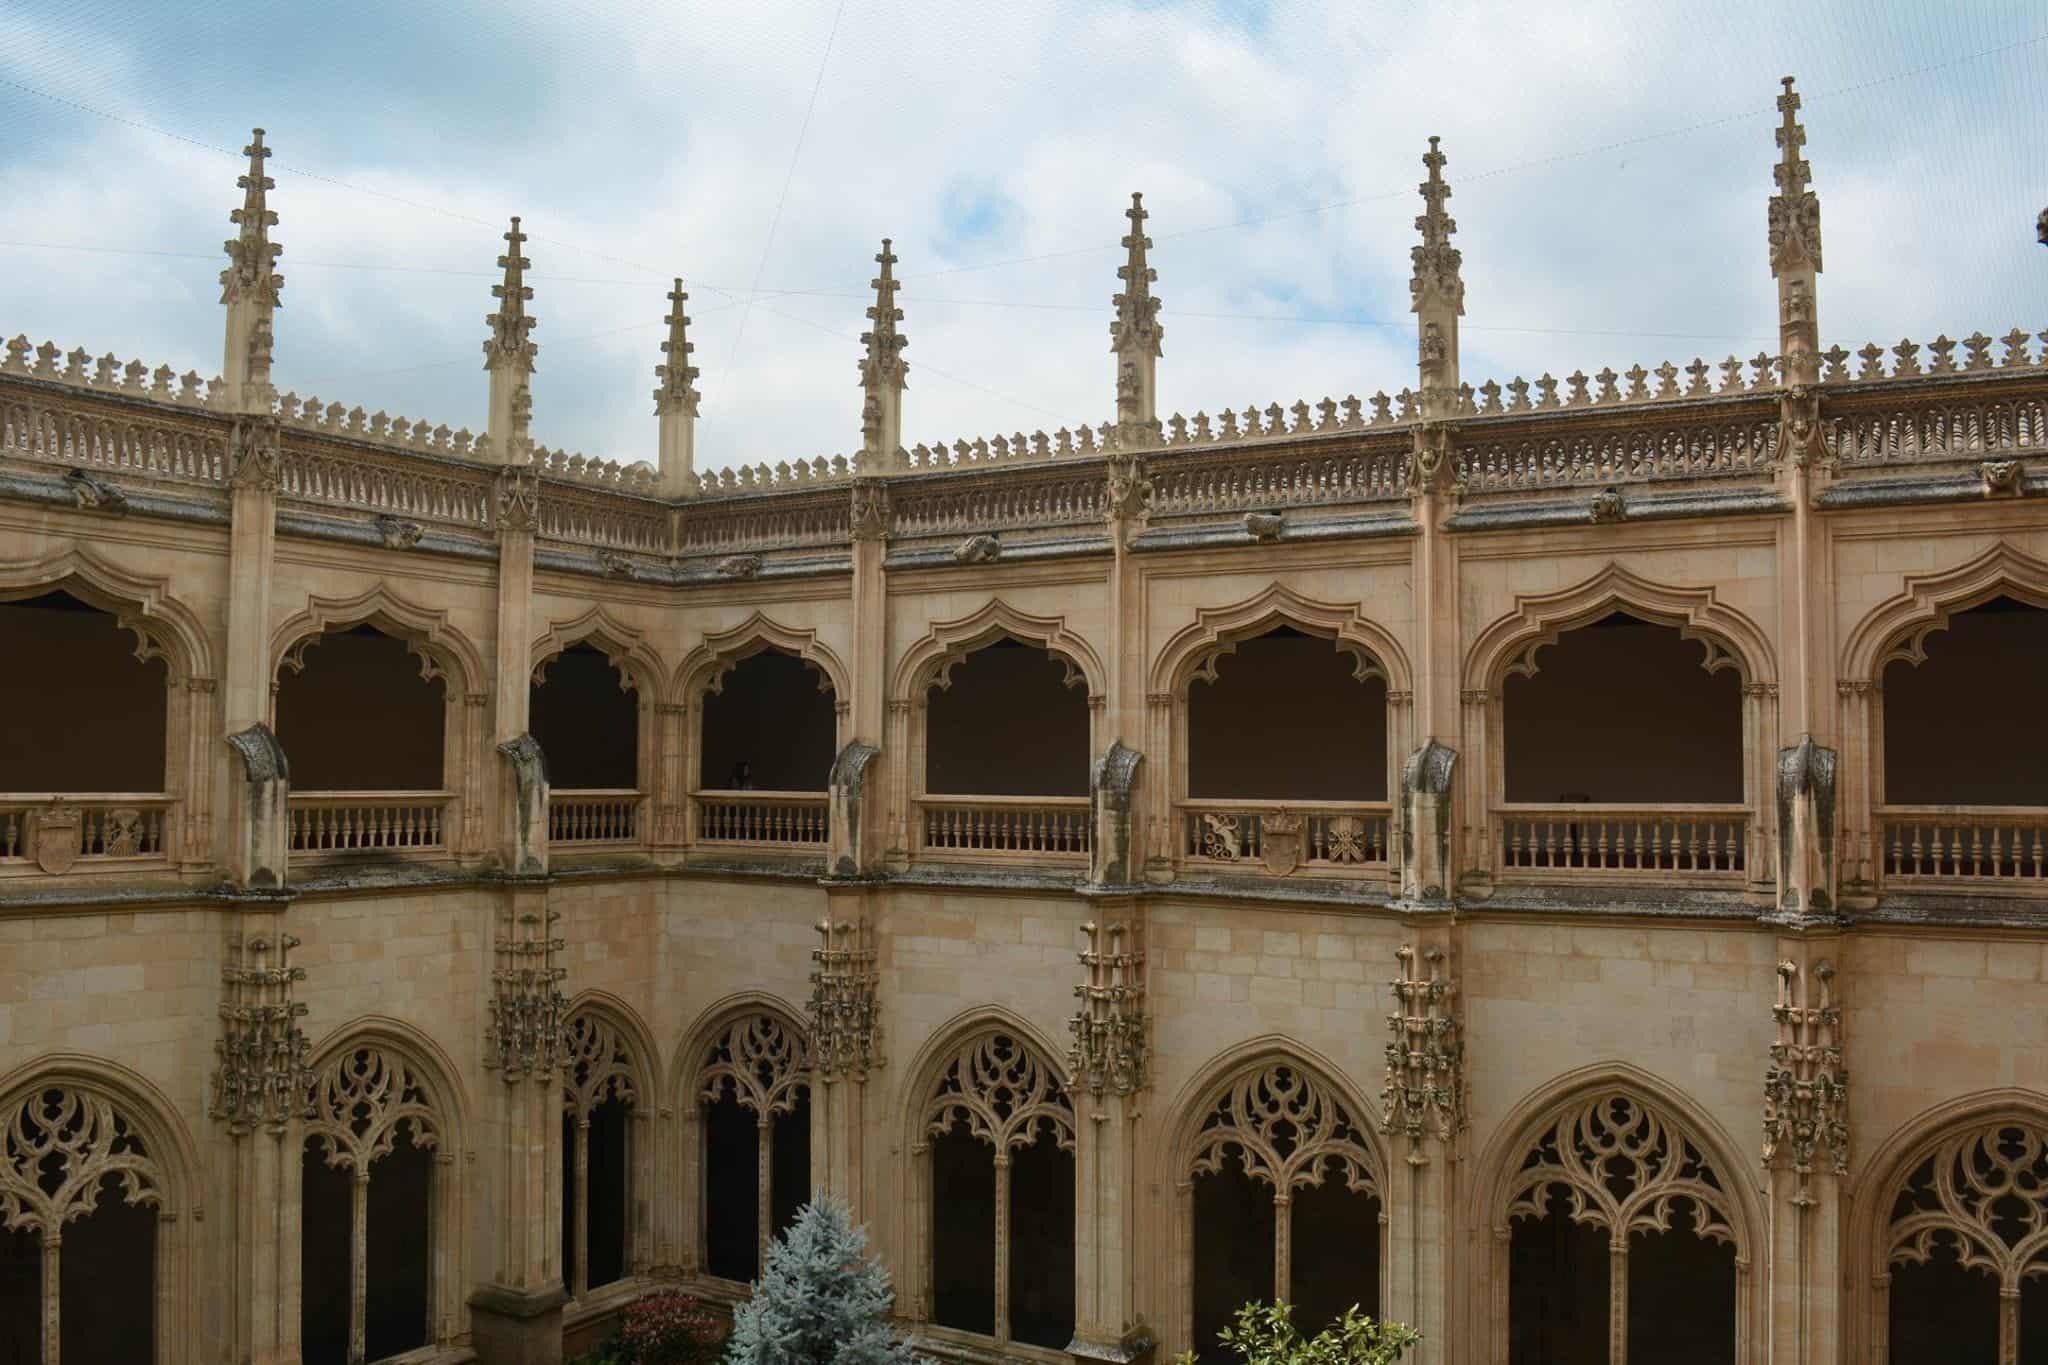 16. Monasterio de San Juan de los Reyes